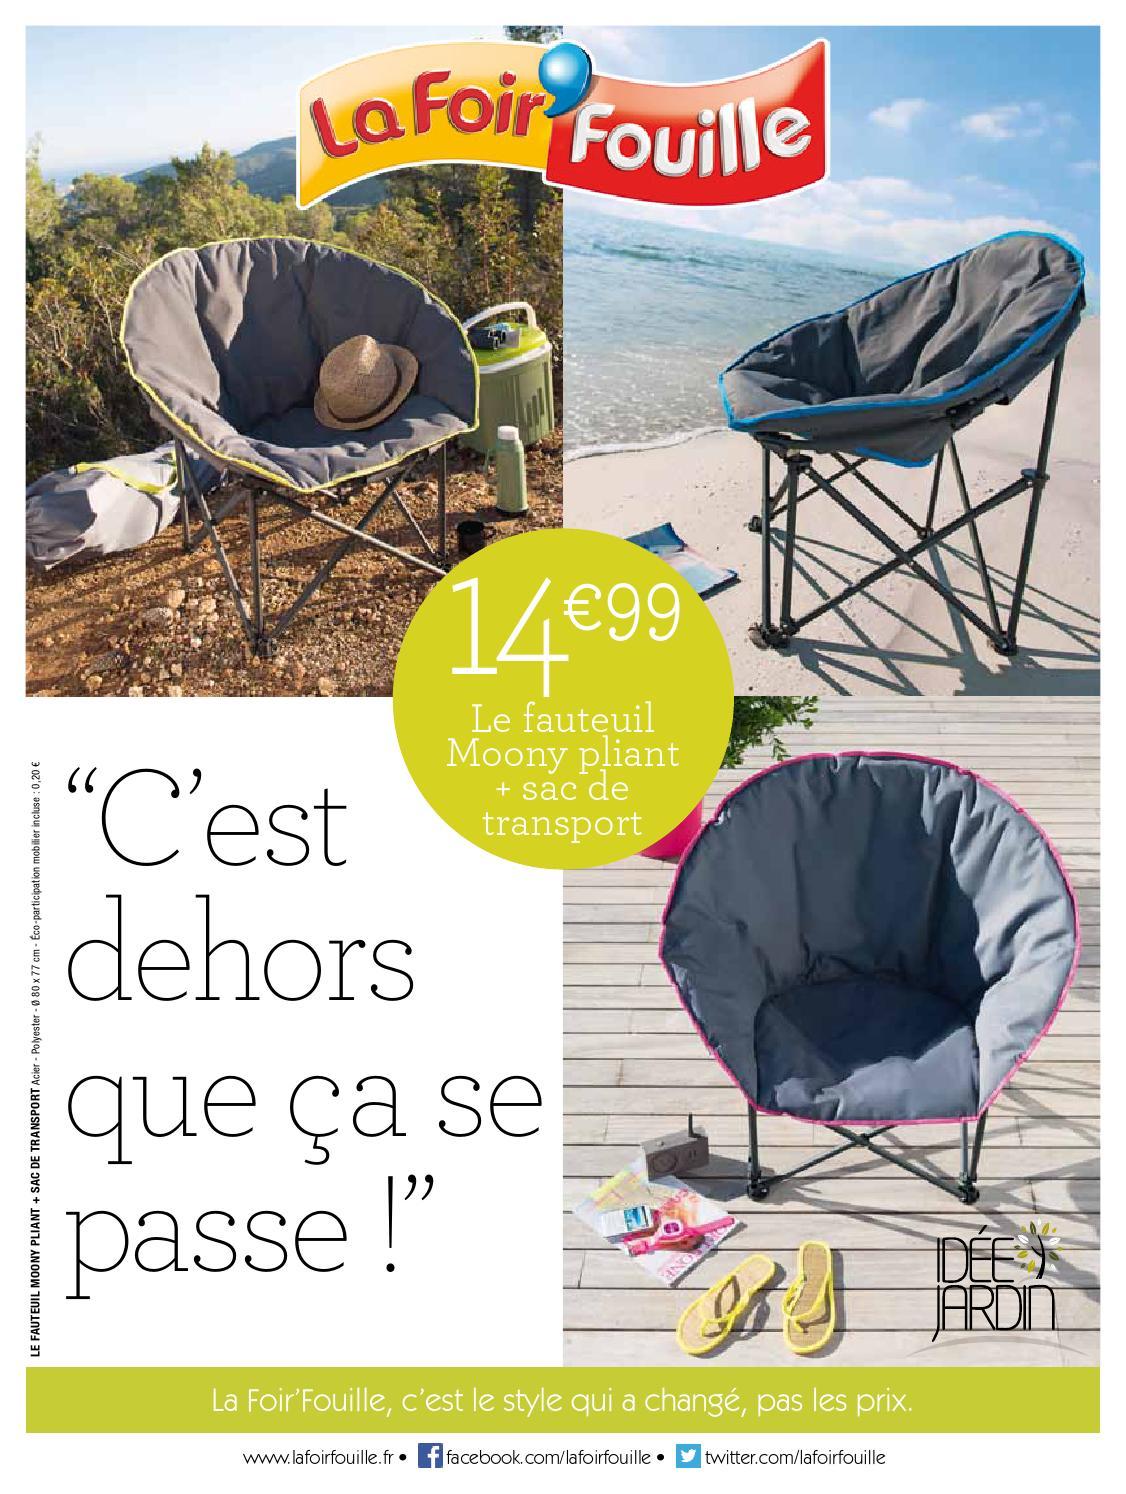 Catalogue La Foir Fouille C Est Dehors Que Ca Se Passe By Joe Monroe Issuu